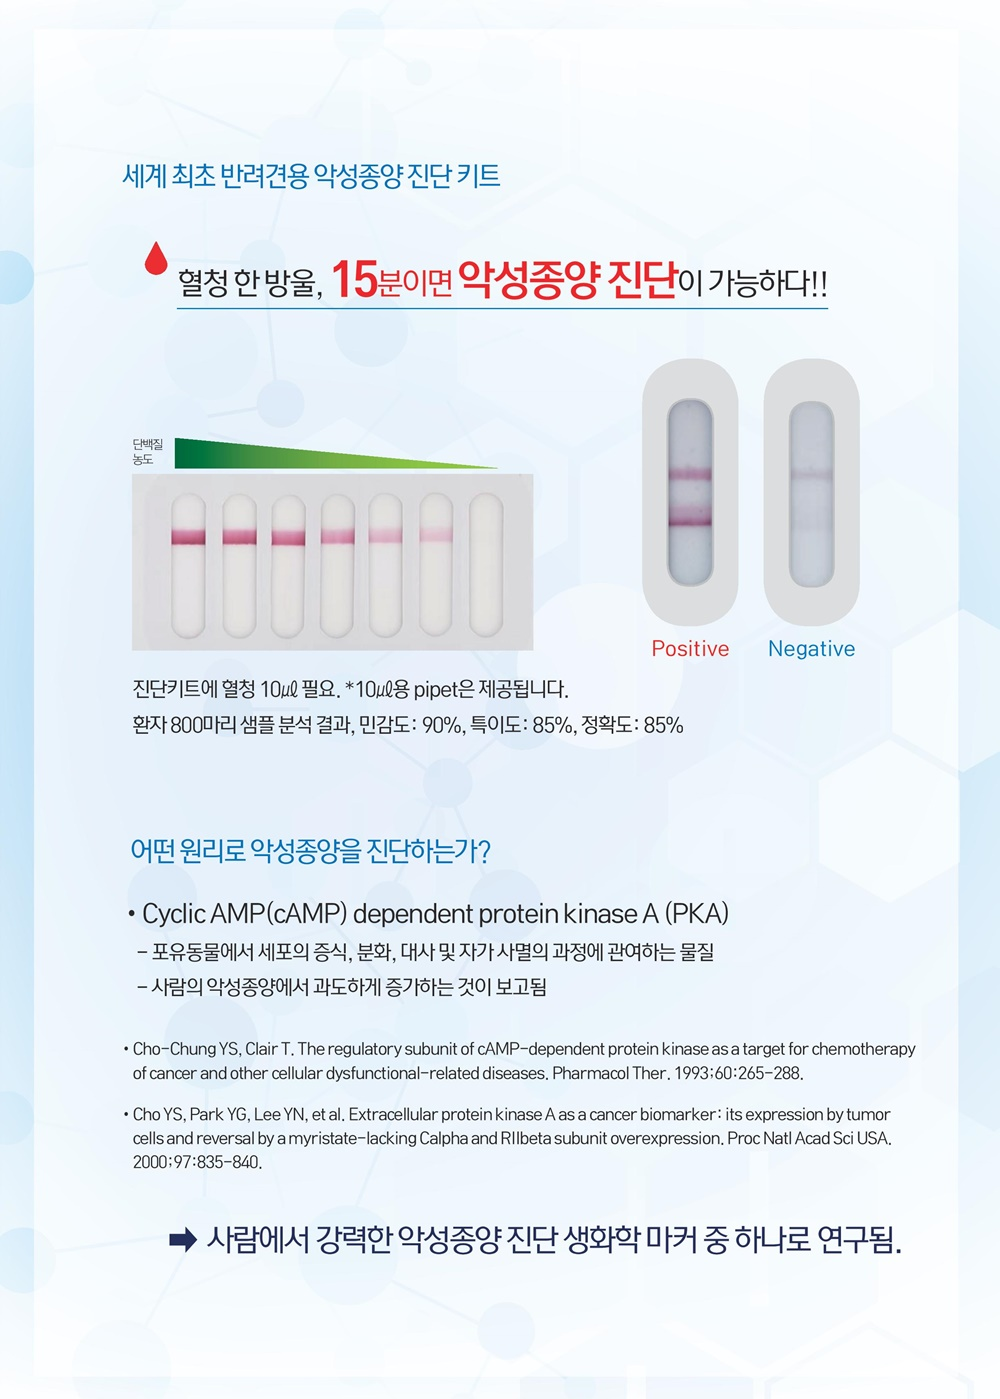 20180502aniscan cancer kit3